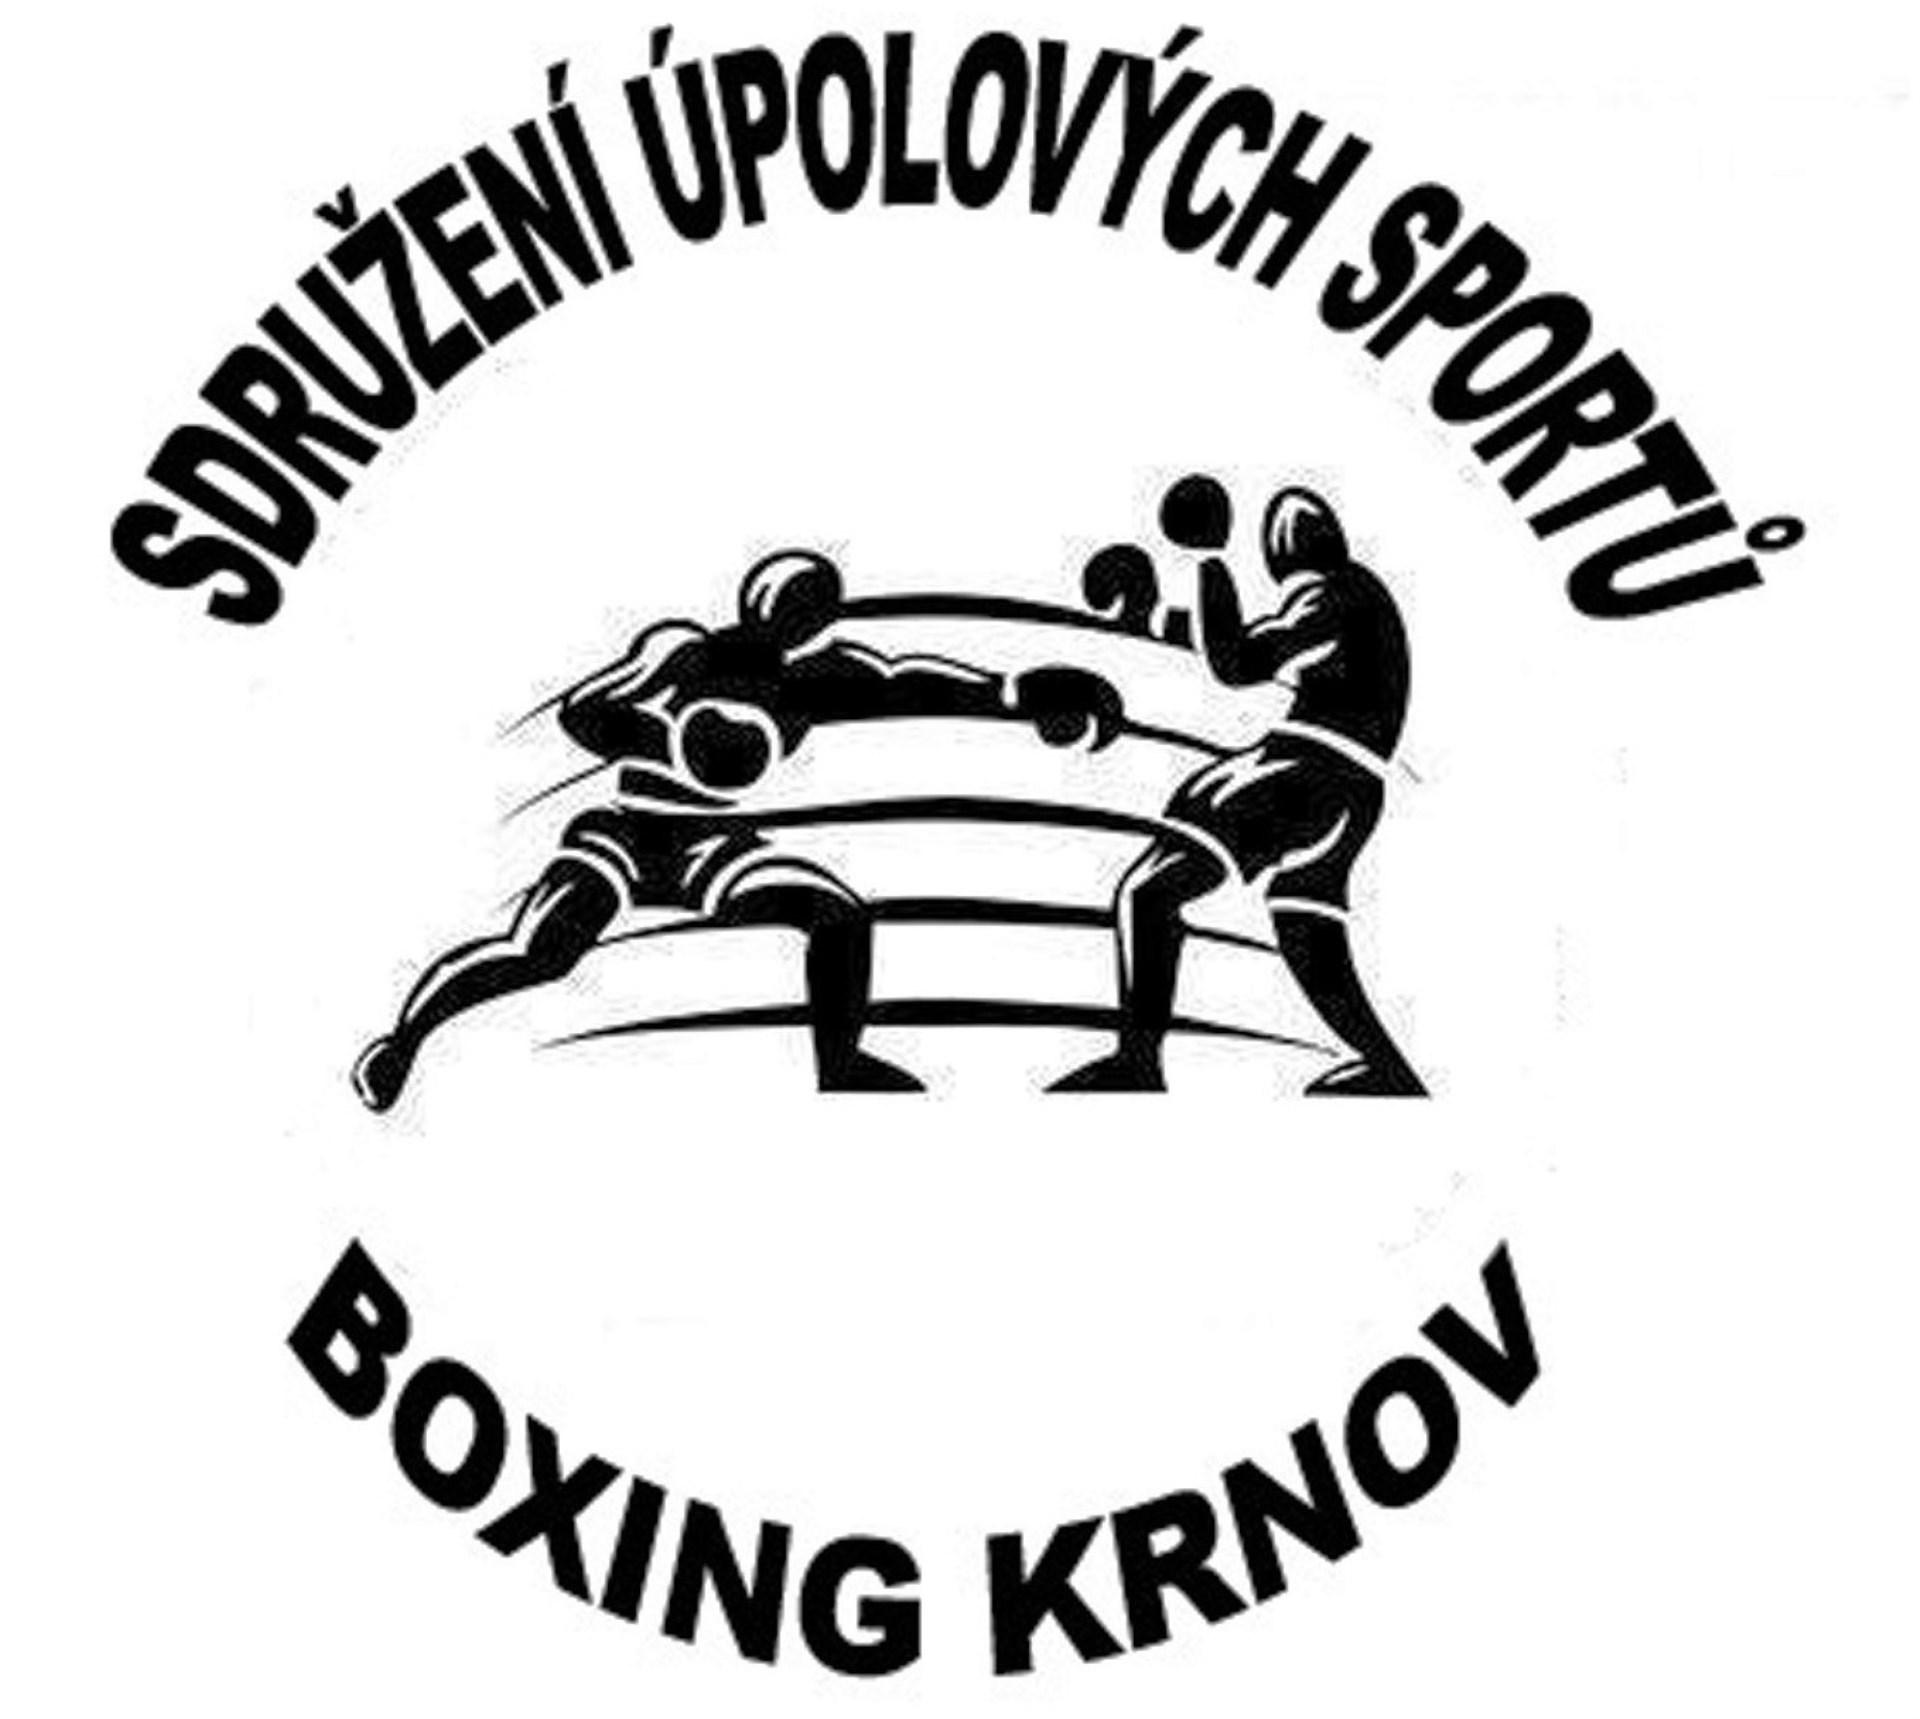 Sdružení úpolových sportů Krnov